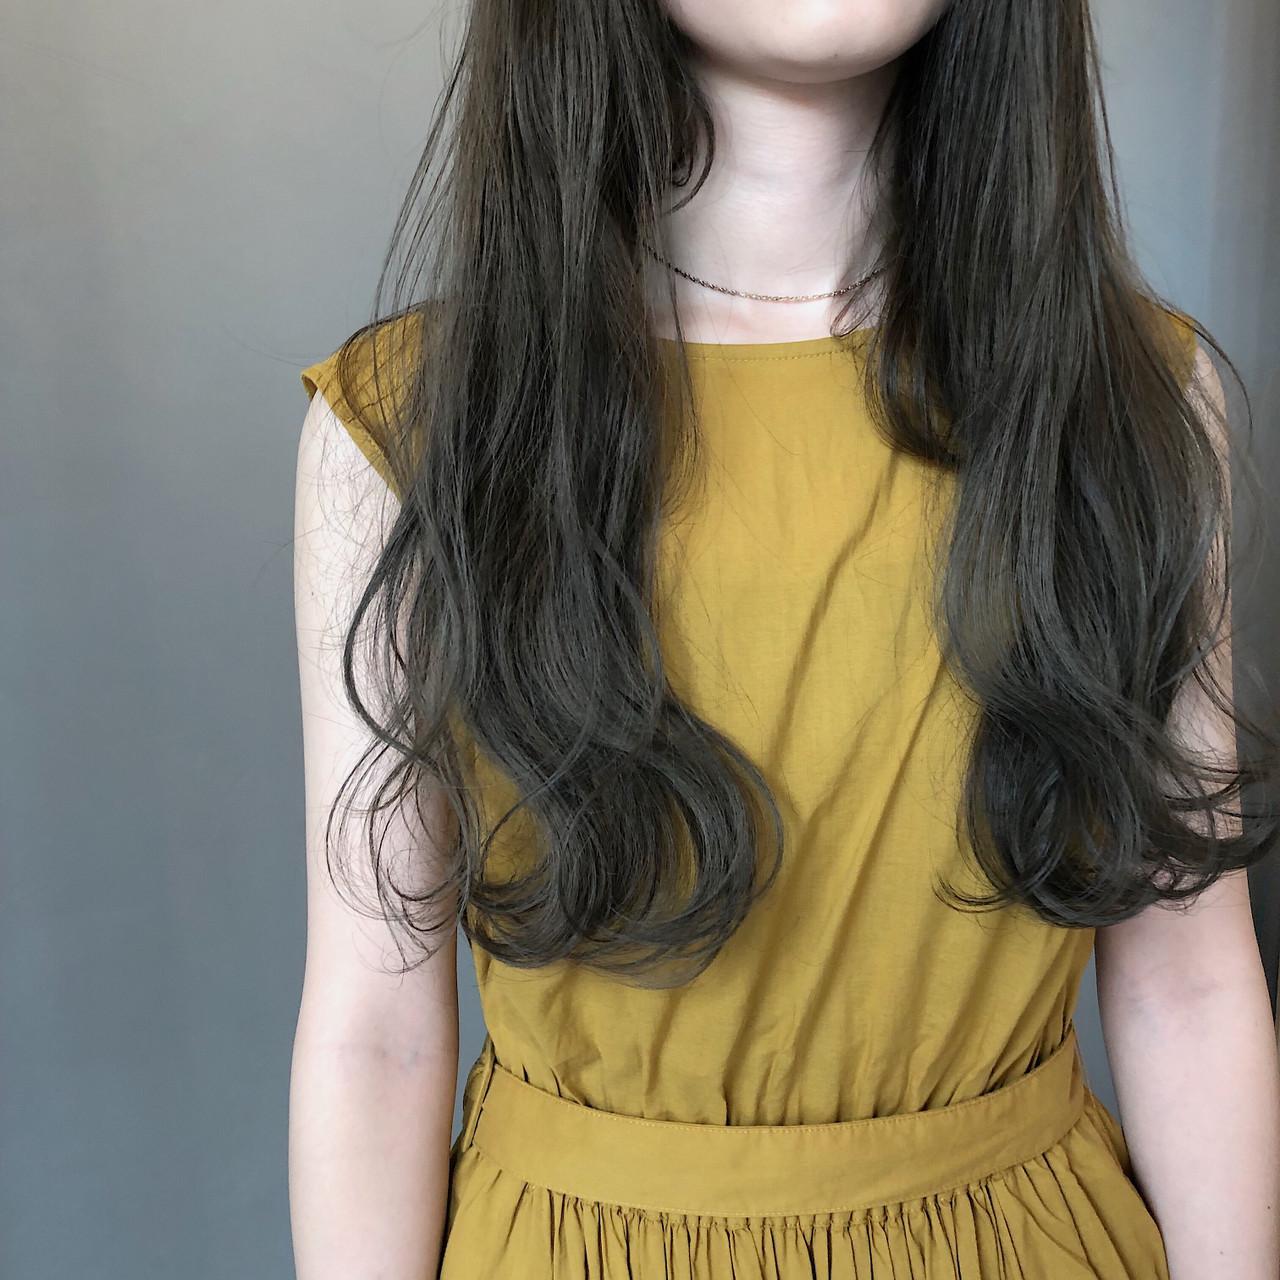 スモーキーカラー 暗髪 ナチュラル ロング ヘアスタイルや髪型の写真・画像 | 冨永 真太郎 / 人トナリ